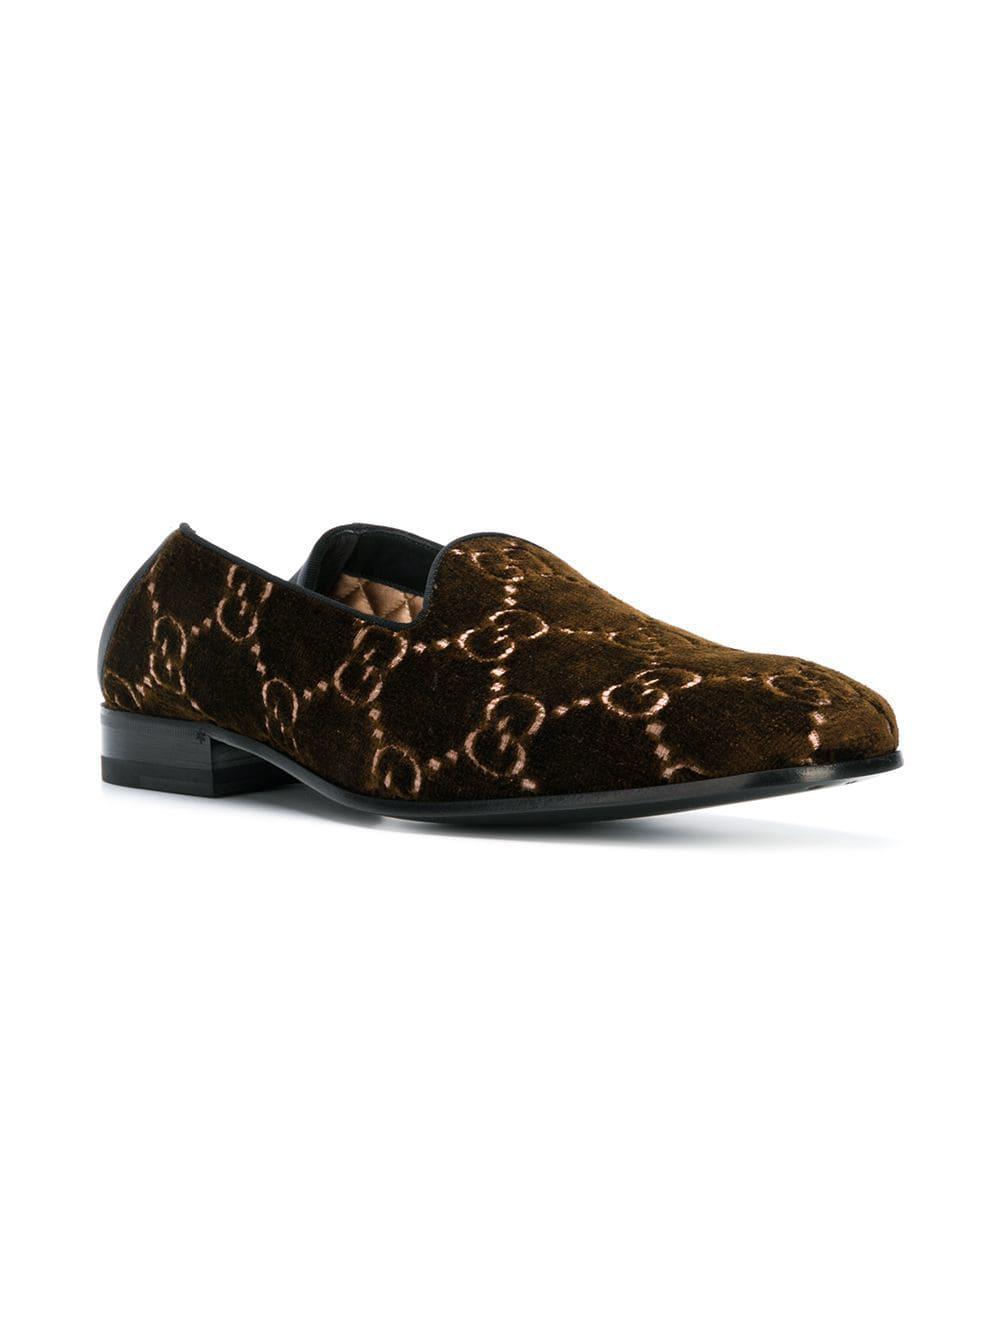 6de6edc5ba8 Gucci GG Velvet Loafers in Brown for Men - Lyst